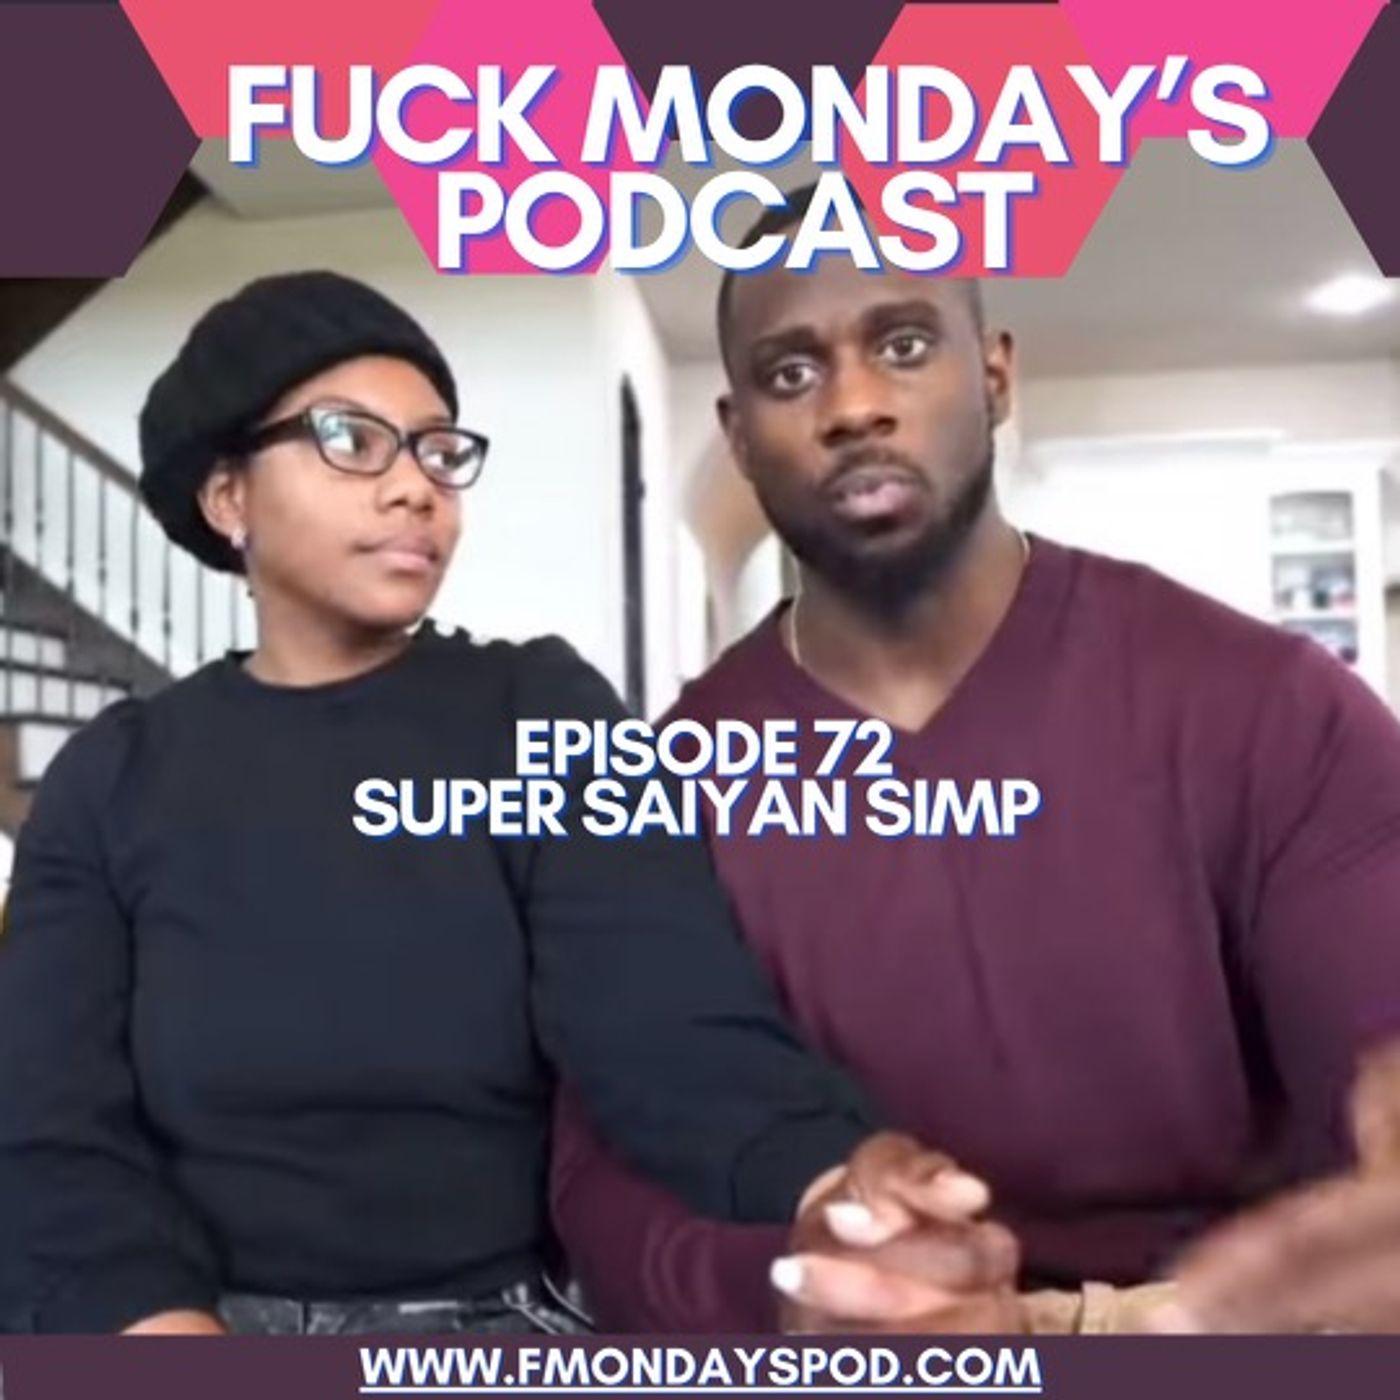 Episode 72: Super Sayian Simp